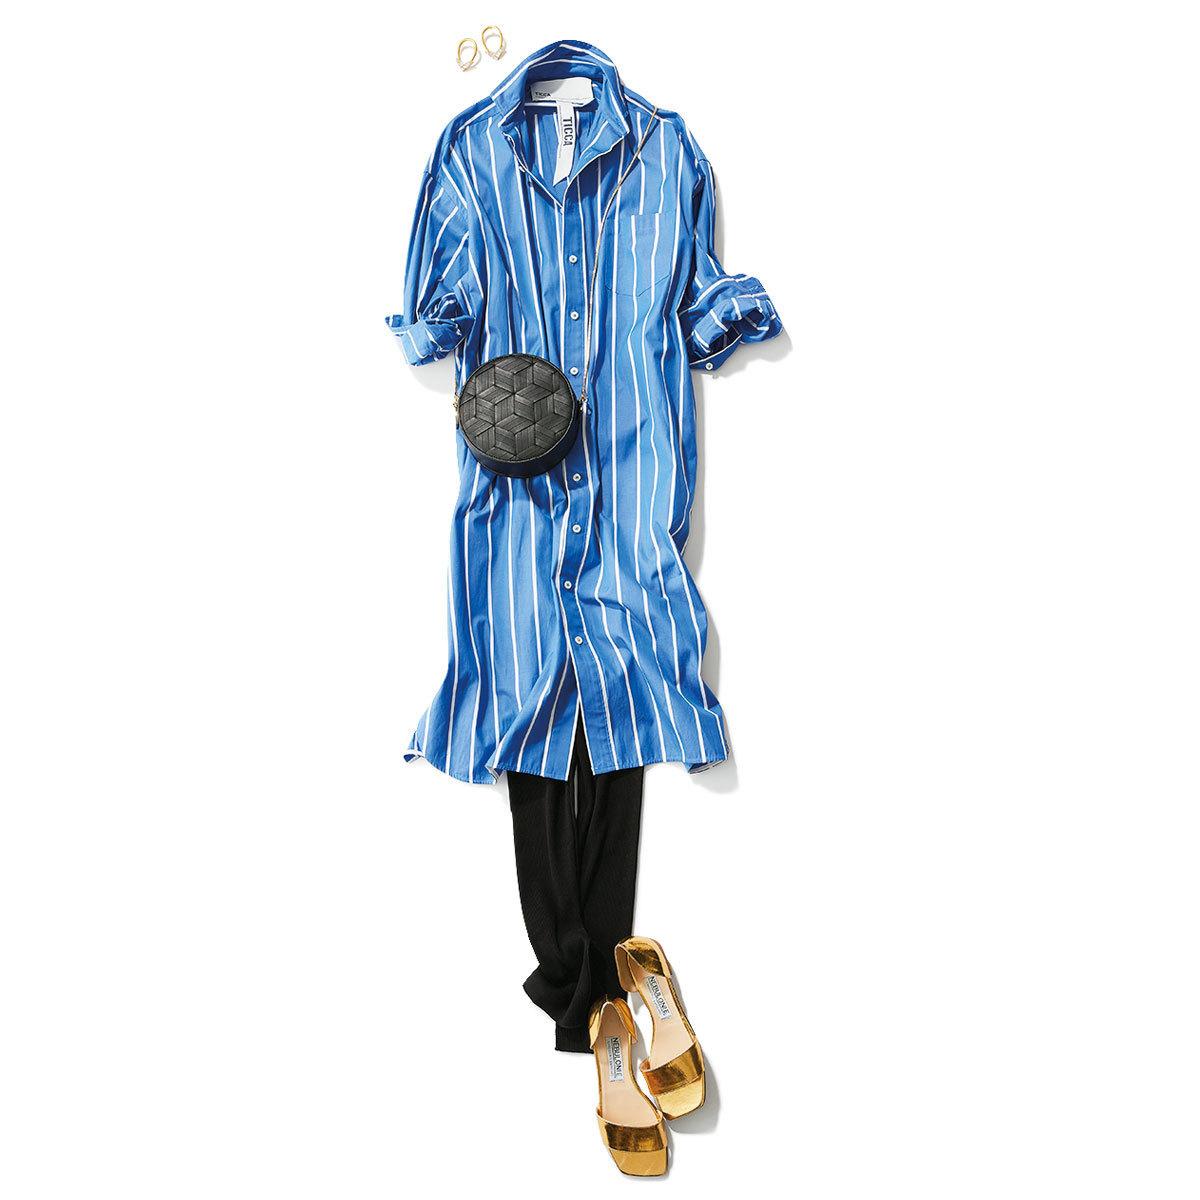 ジャケット×ストライプのシャツワンピース×レギンスコーデ